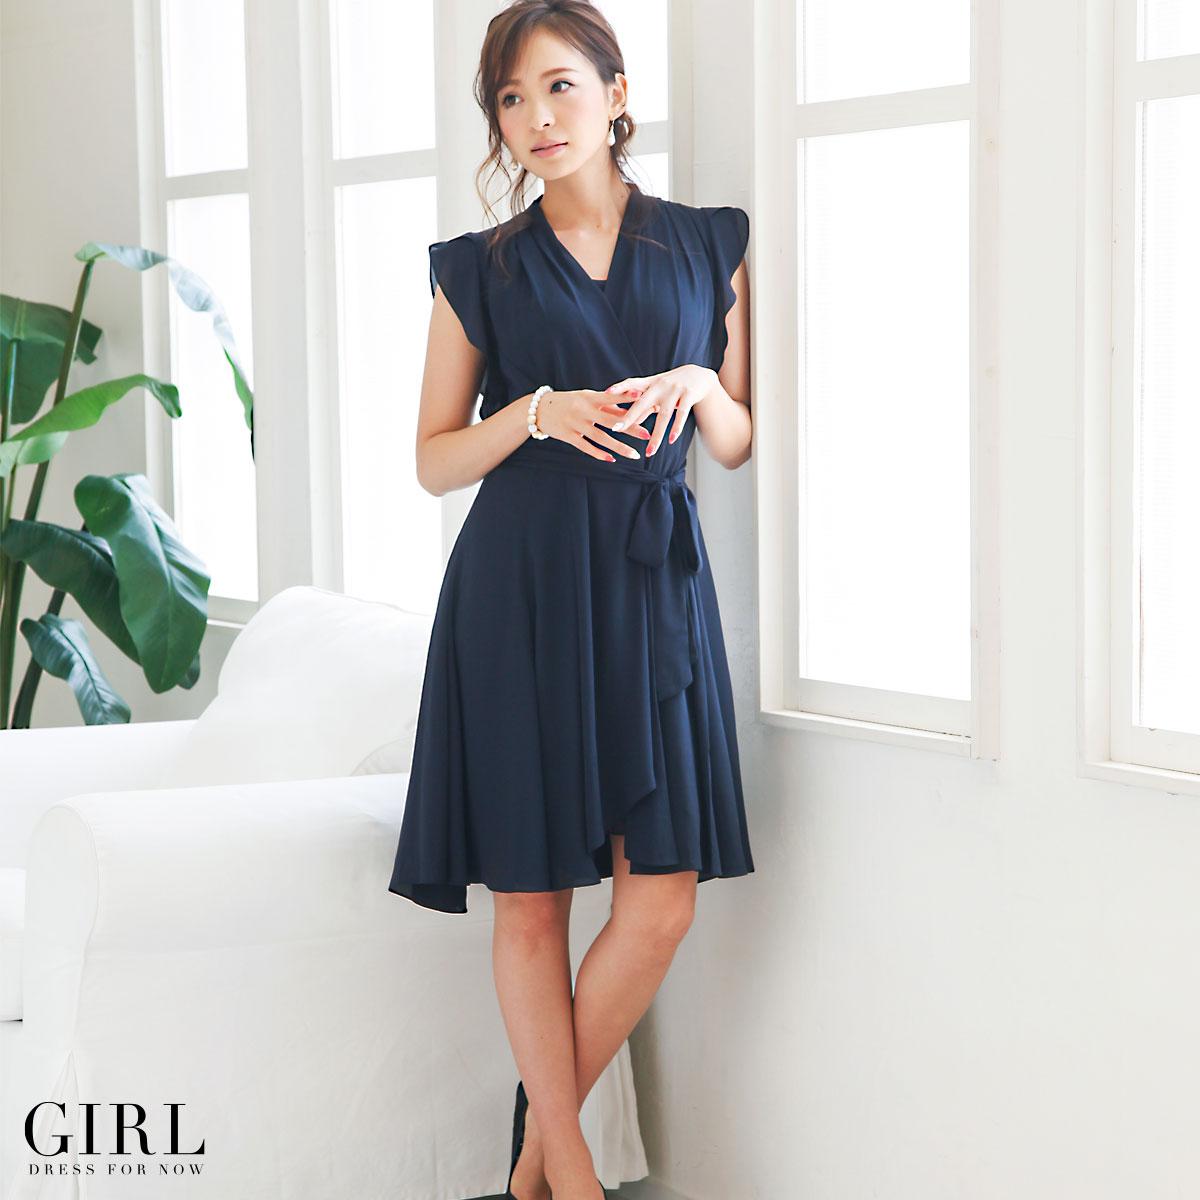 Dress shop GIRL | Rakuten Global Market: Party dress one-piece ...